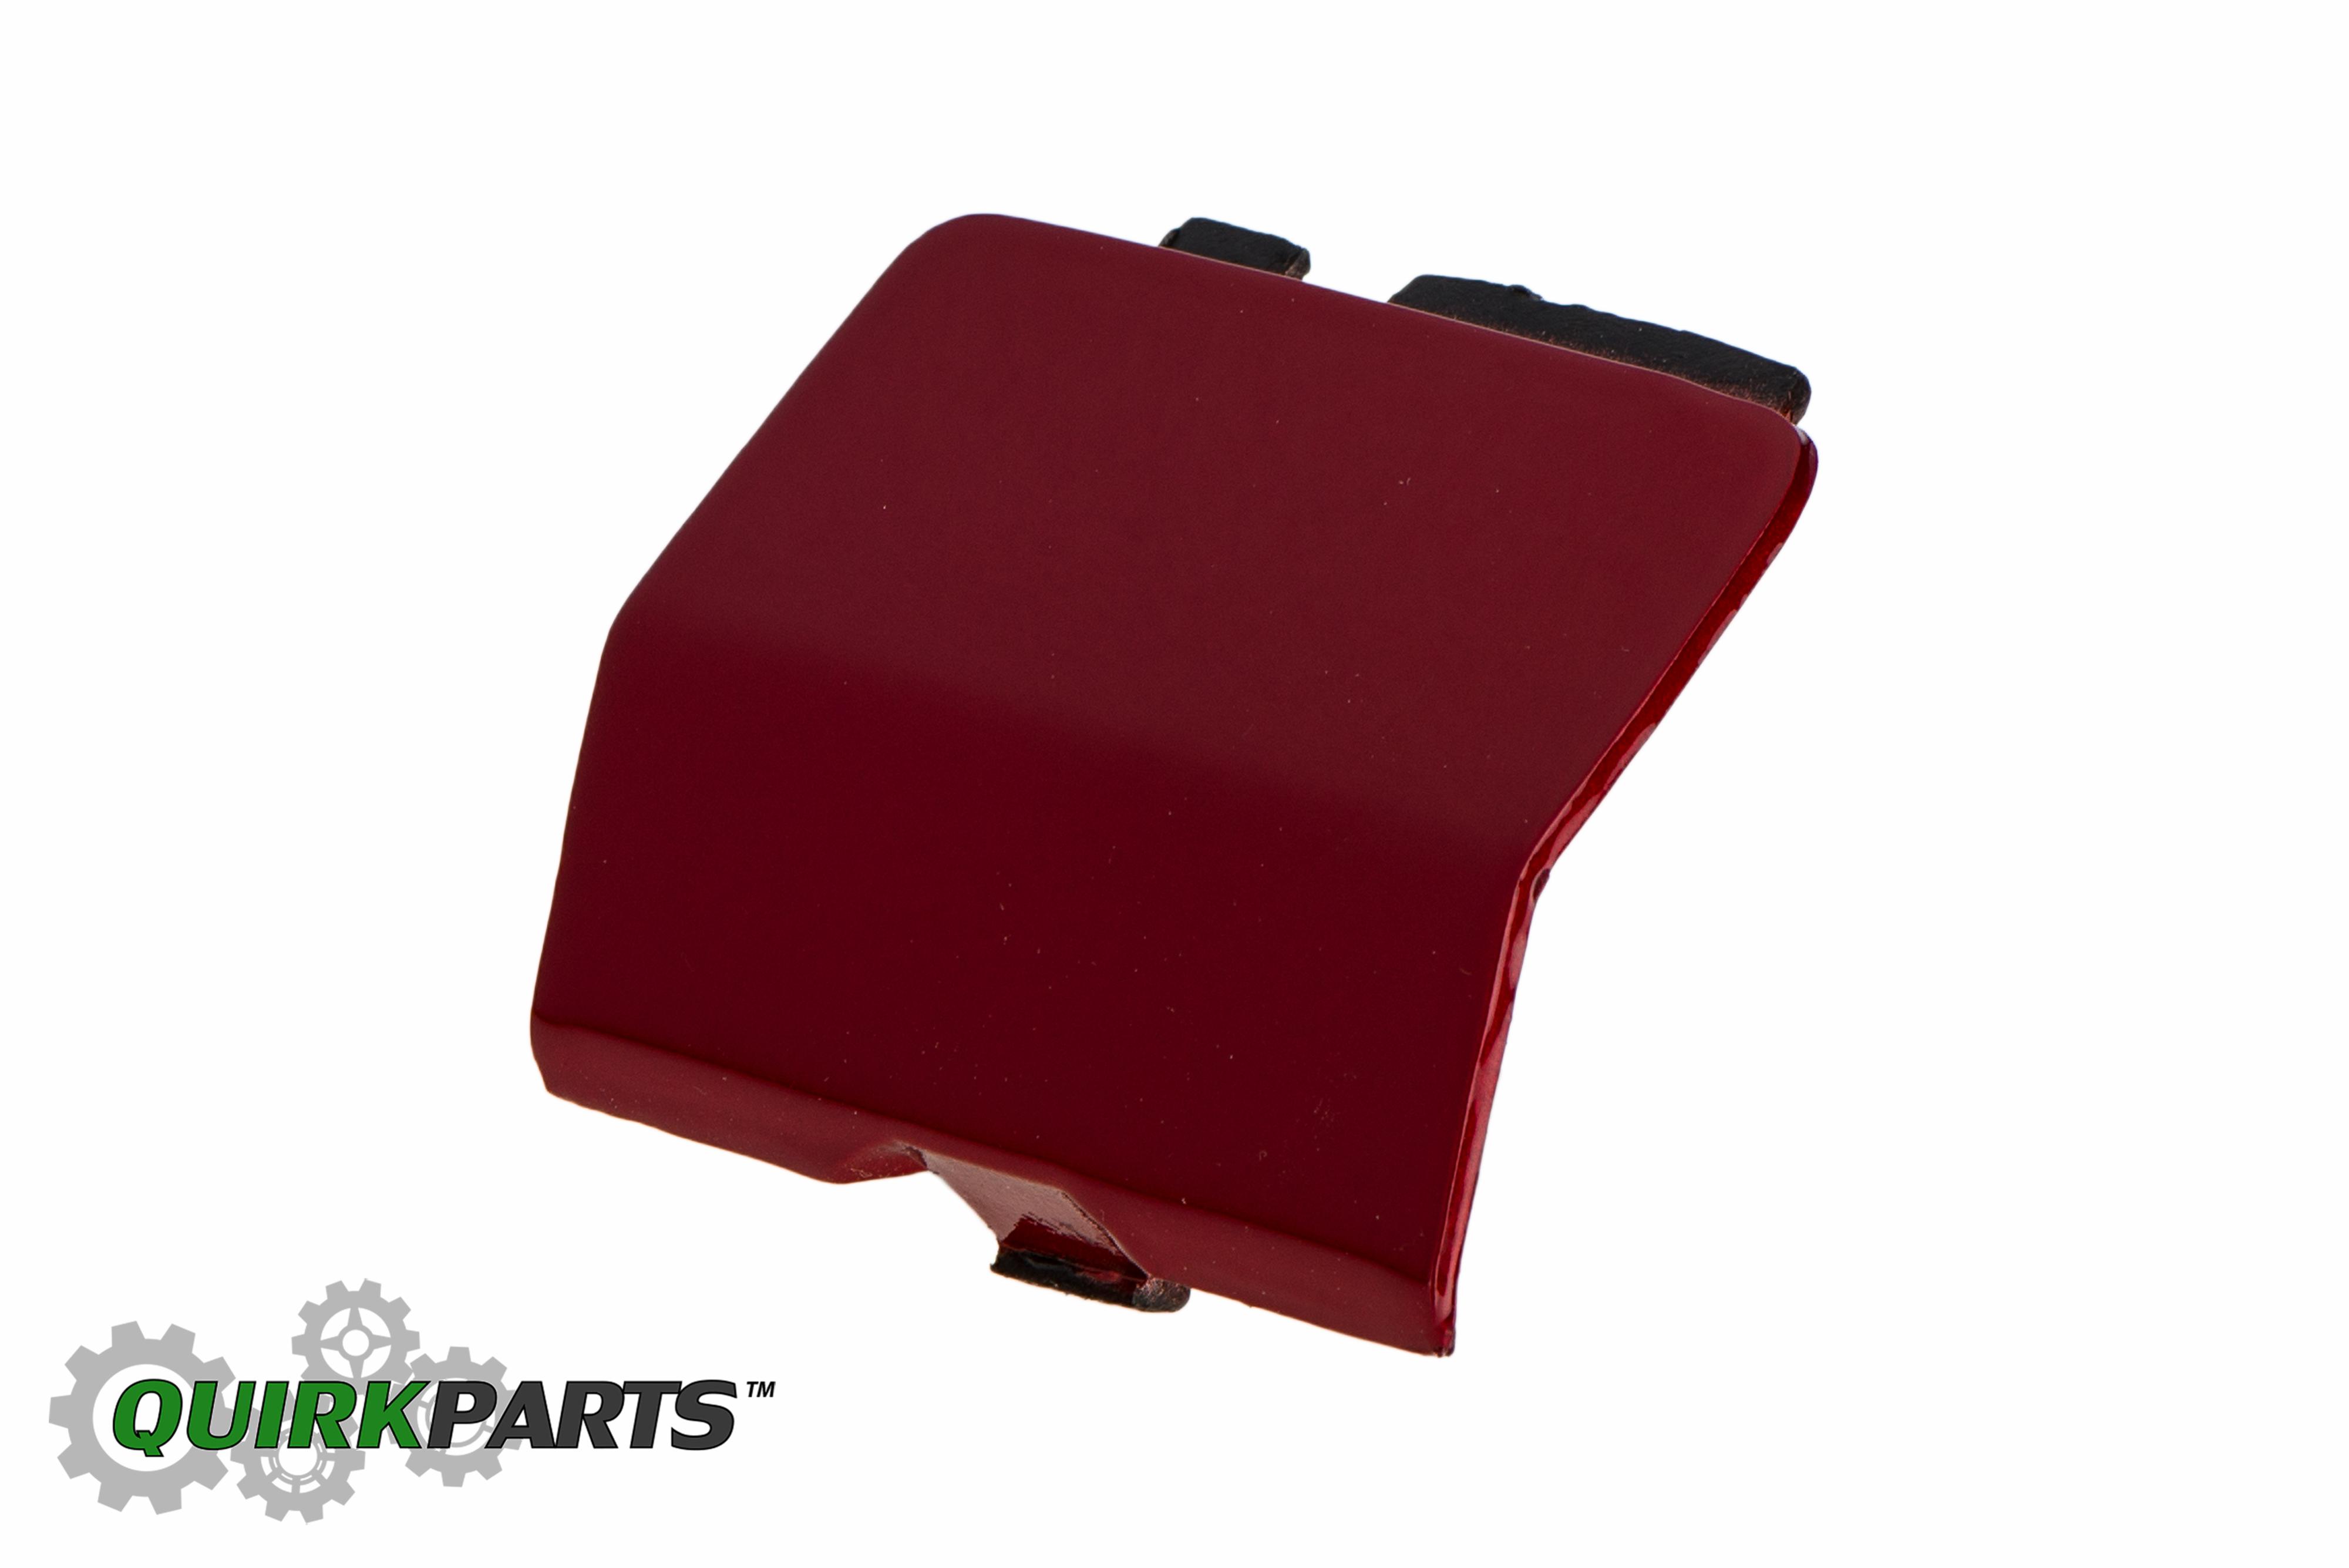 Pedal Pad Kit Ranchero Fairlane 1959 49-79187-1